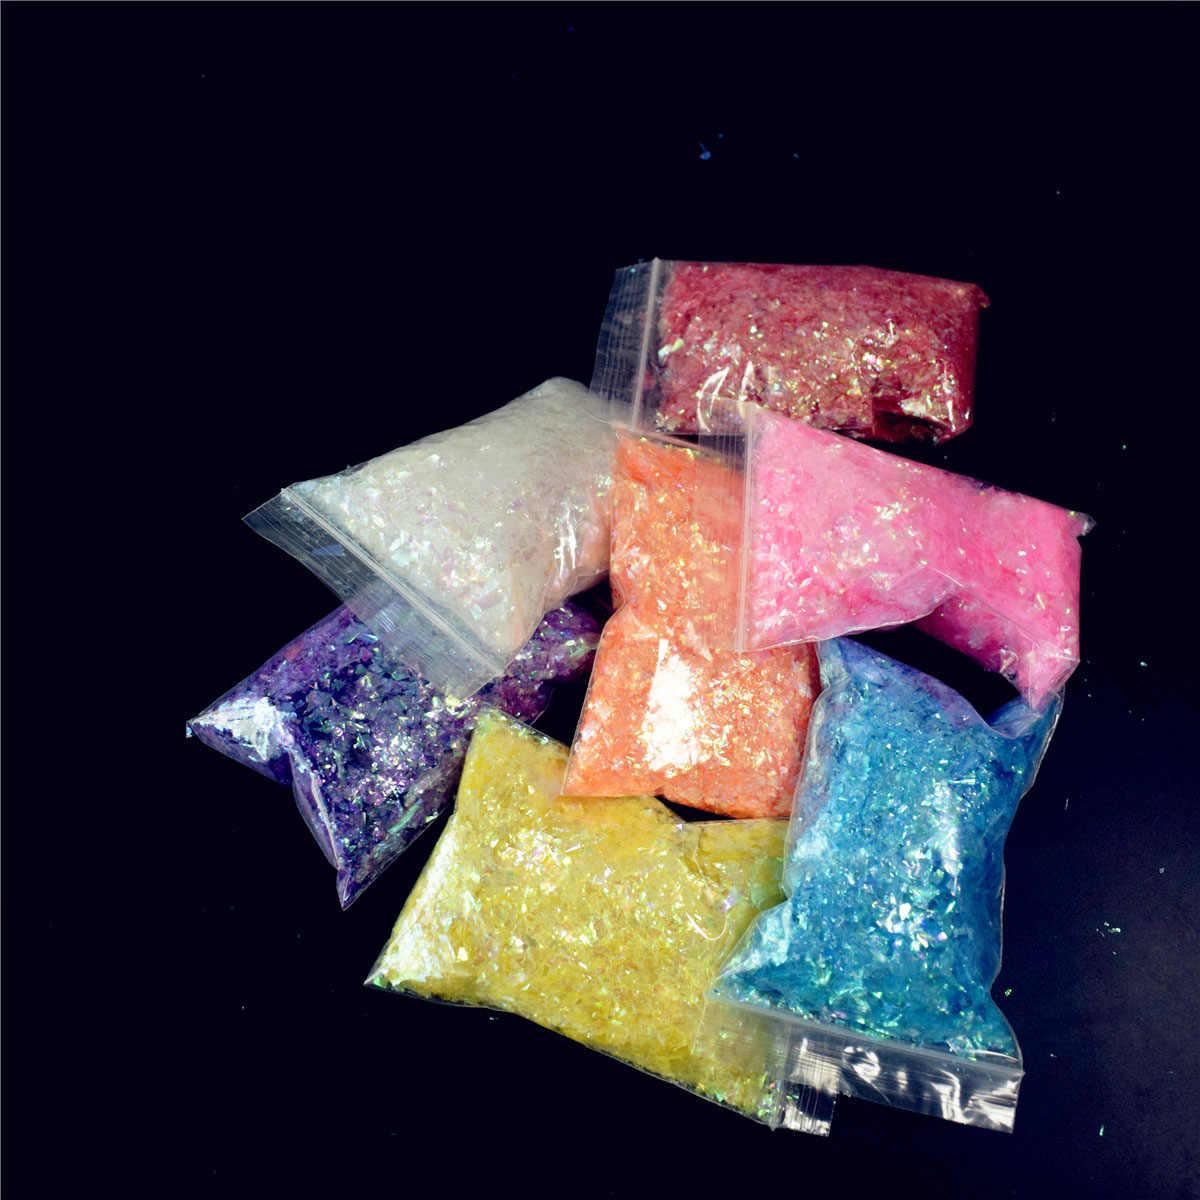 3D Shattered Ice Mylar กระดาษสติกเกอร์เล็บเครื่องมือตกแต่งเล็บกระดาษเชลล์แก้วหักเล็บเปลือกผลฟอยล์แนวโน้ม